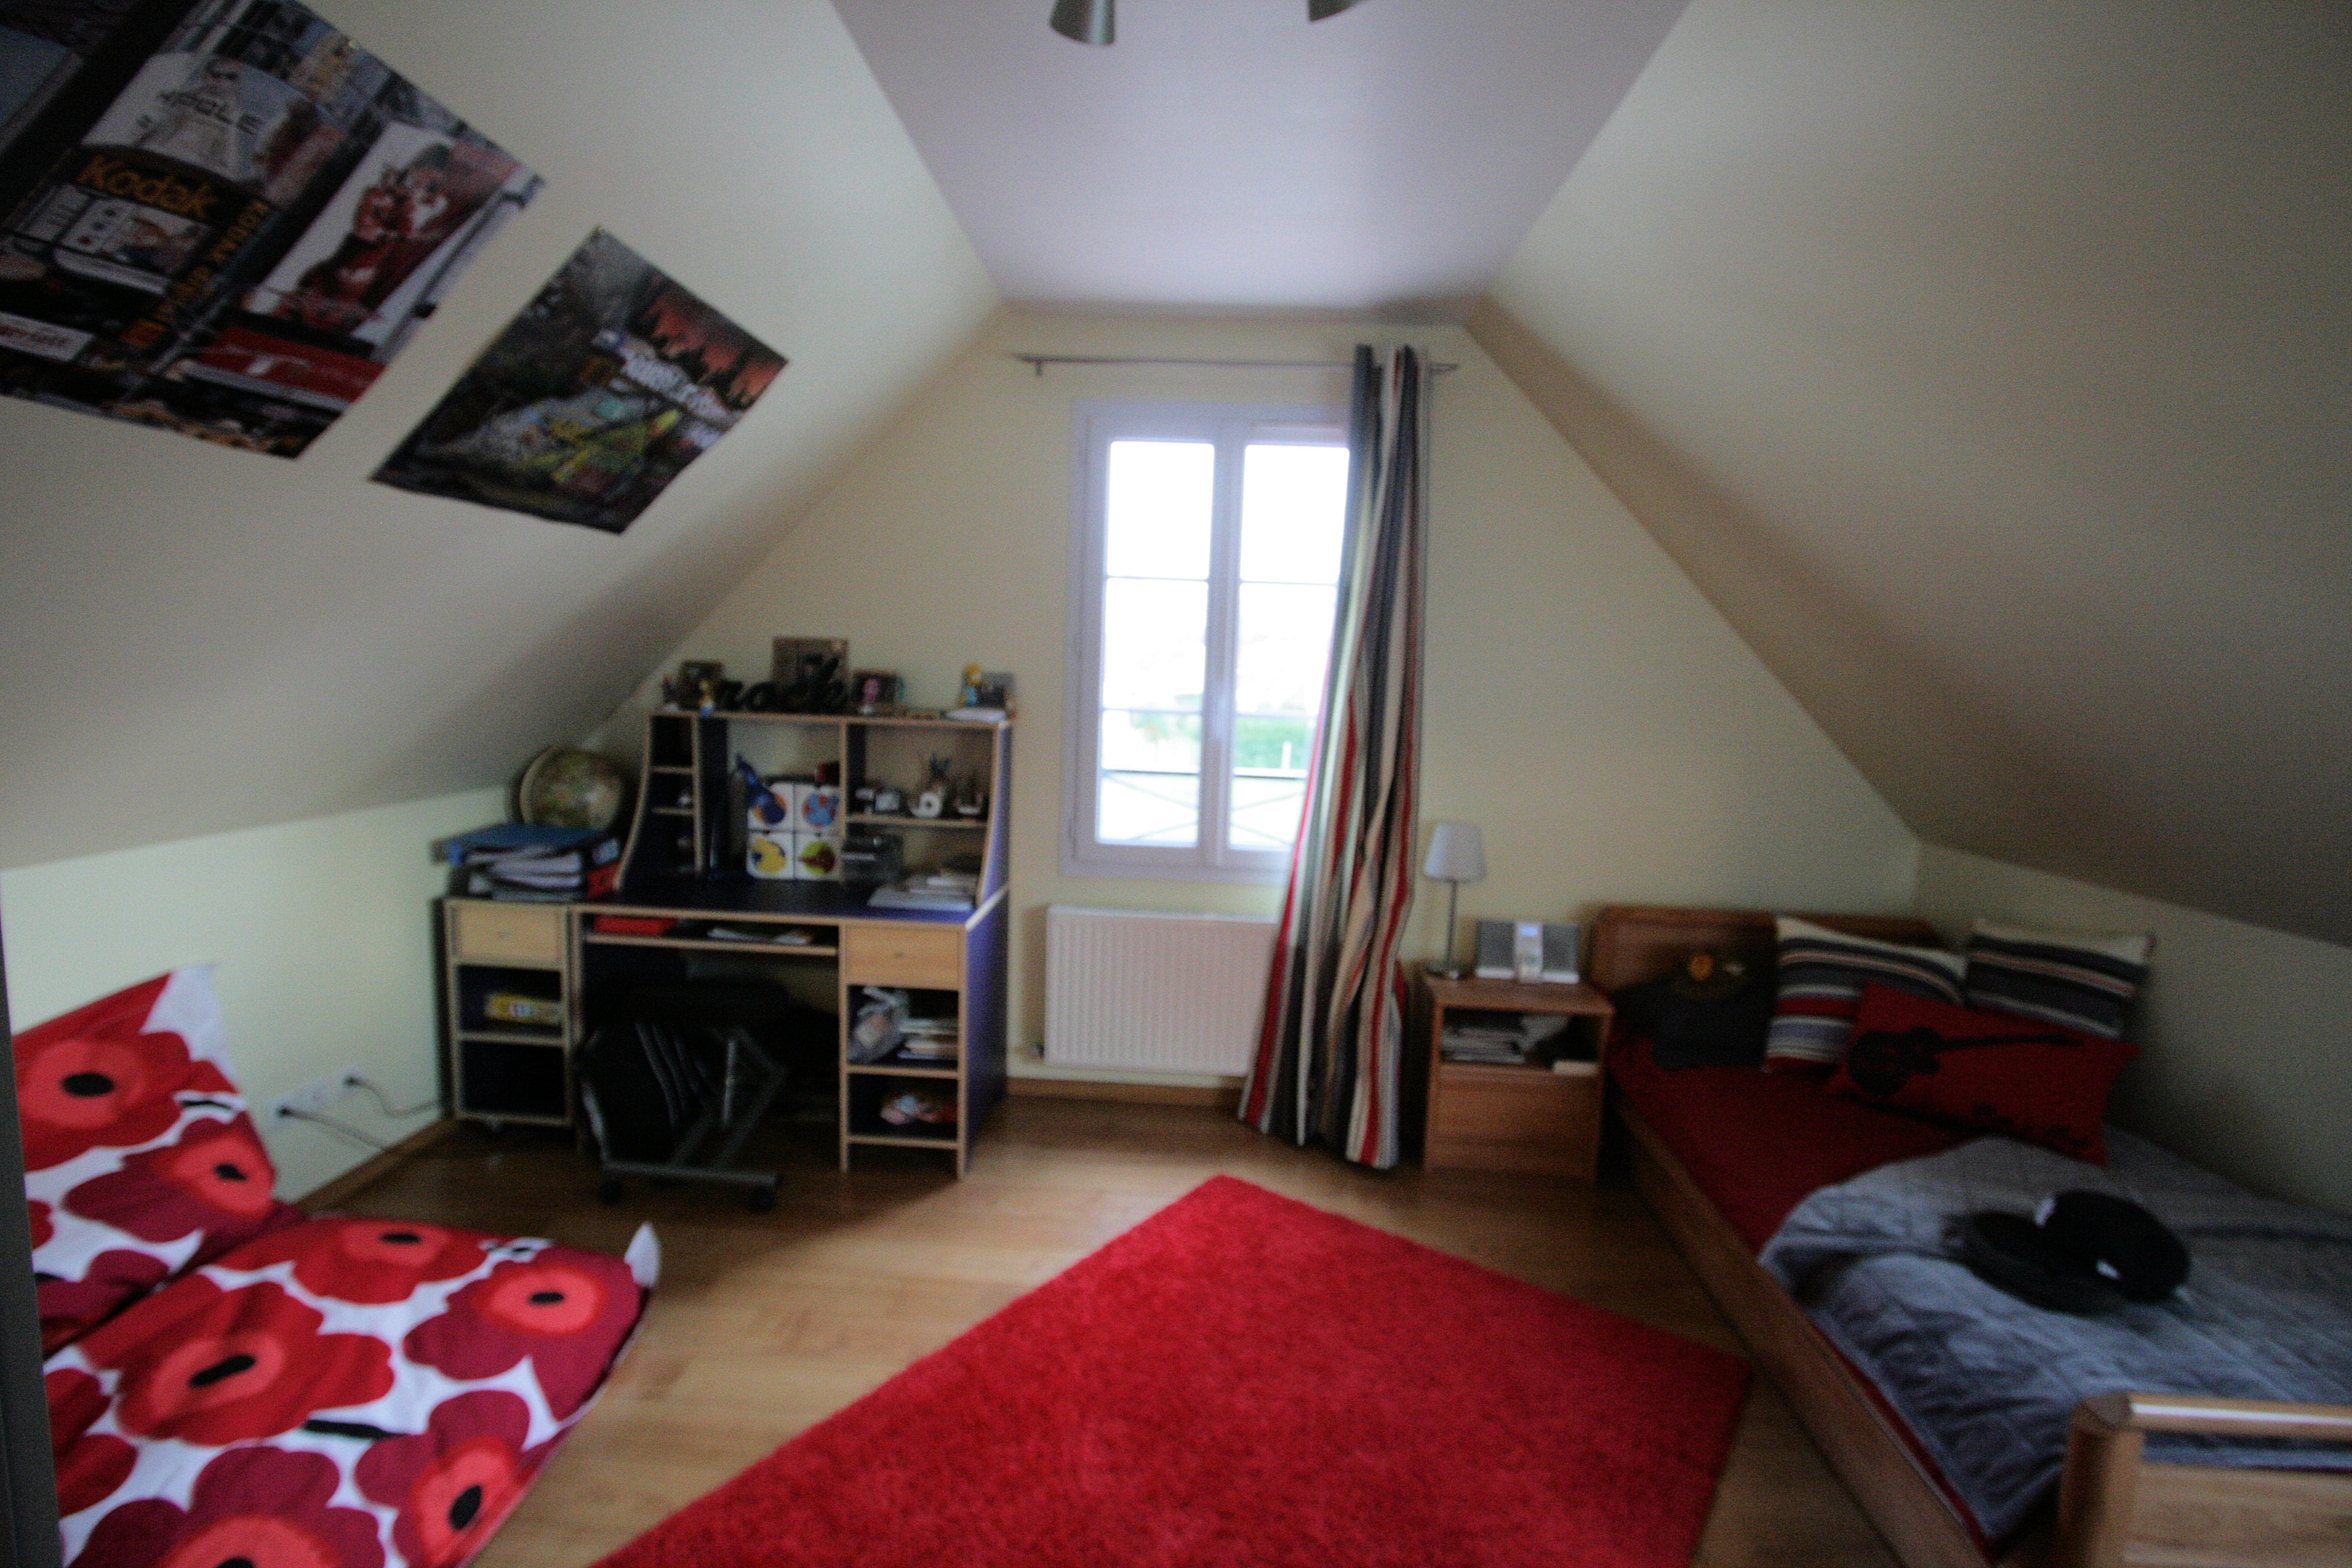 D co rouge chambre d 39 ado comment la d corer - Comment decorer sa chambre d ado ...